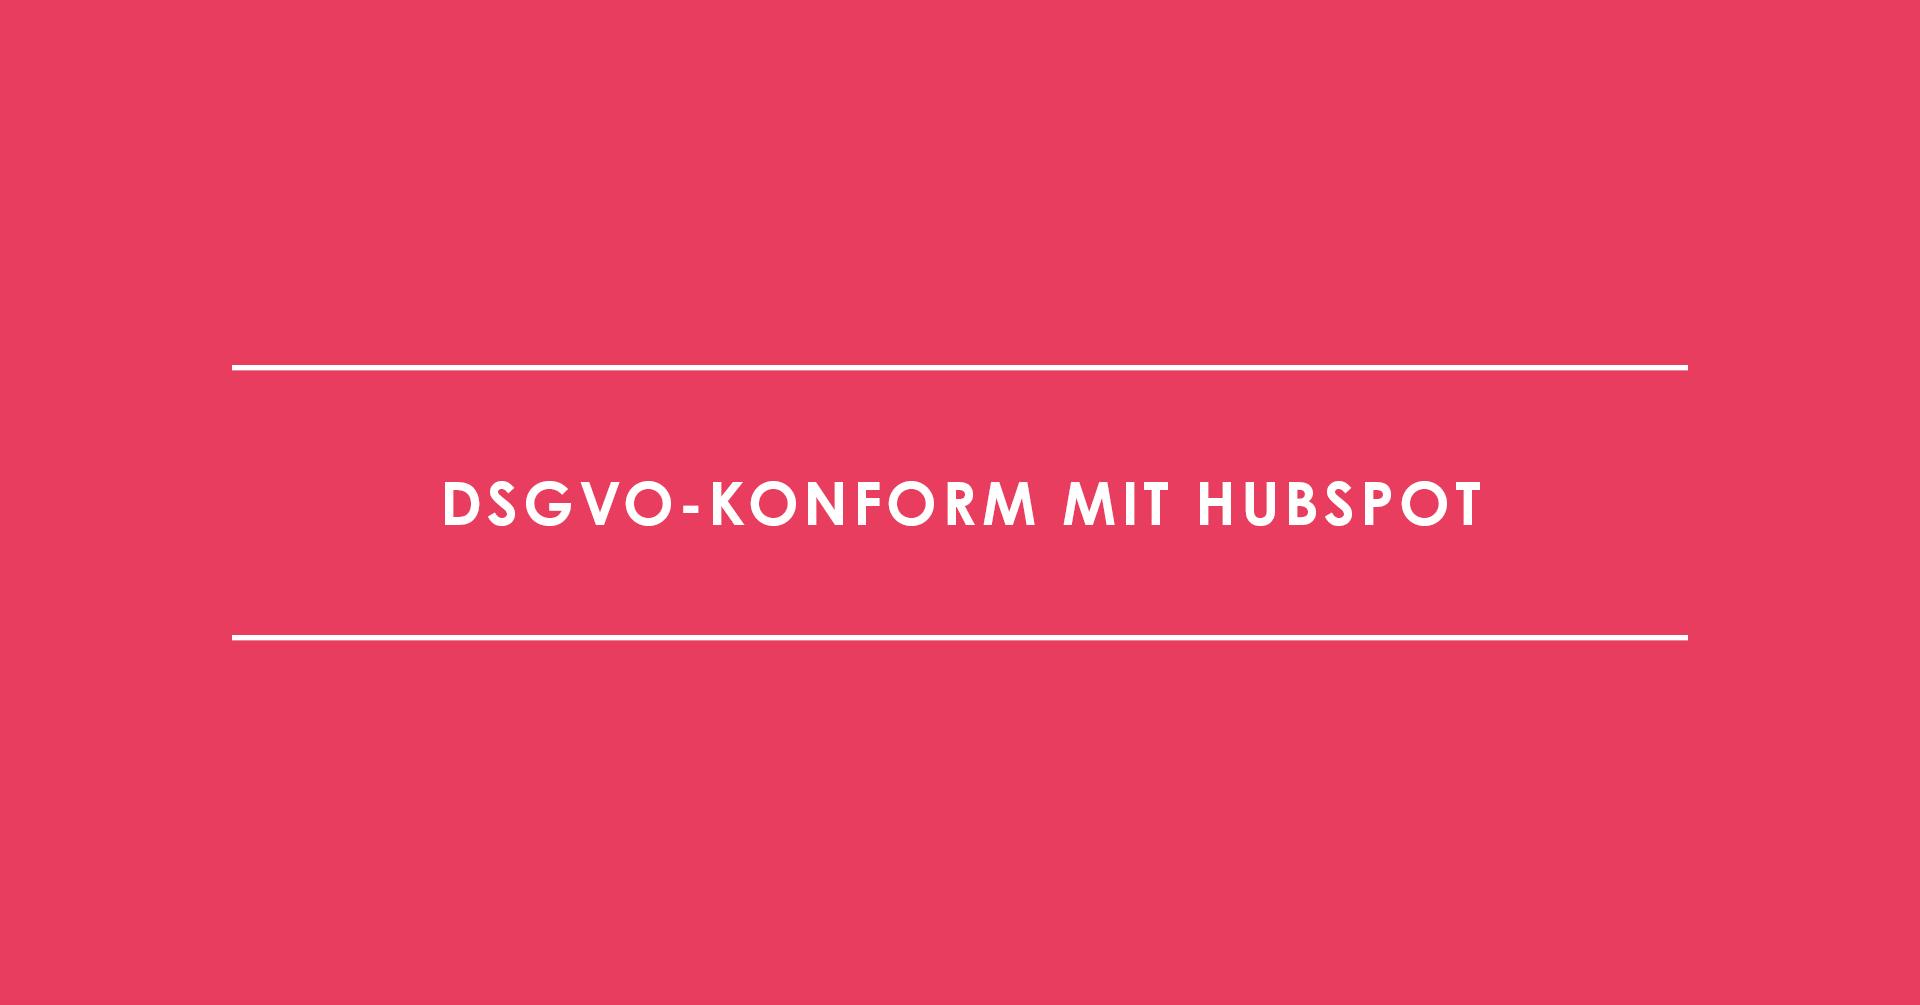 DSGVO-konform mit HubSpot